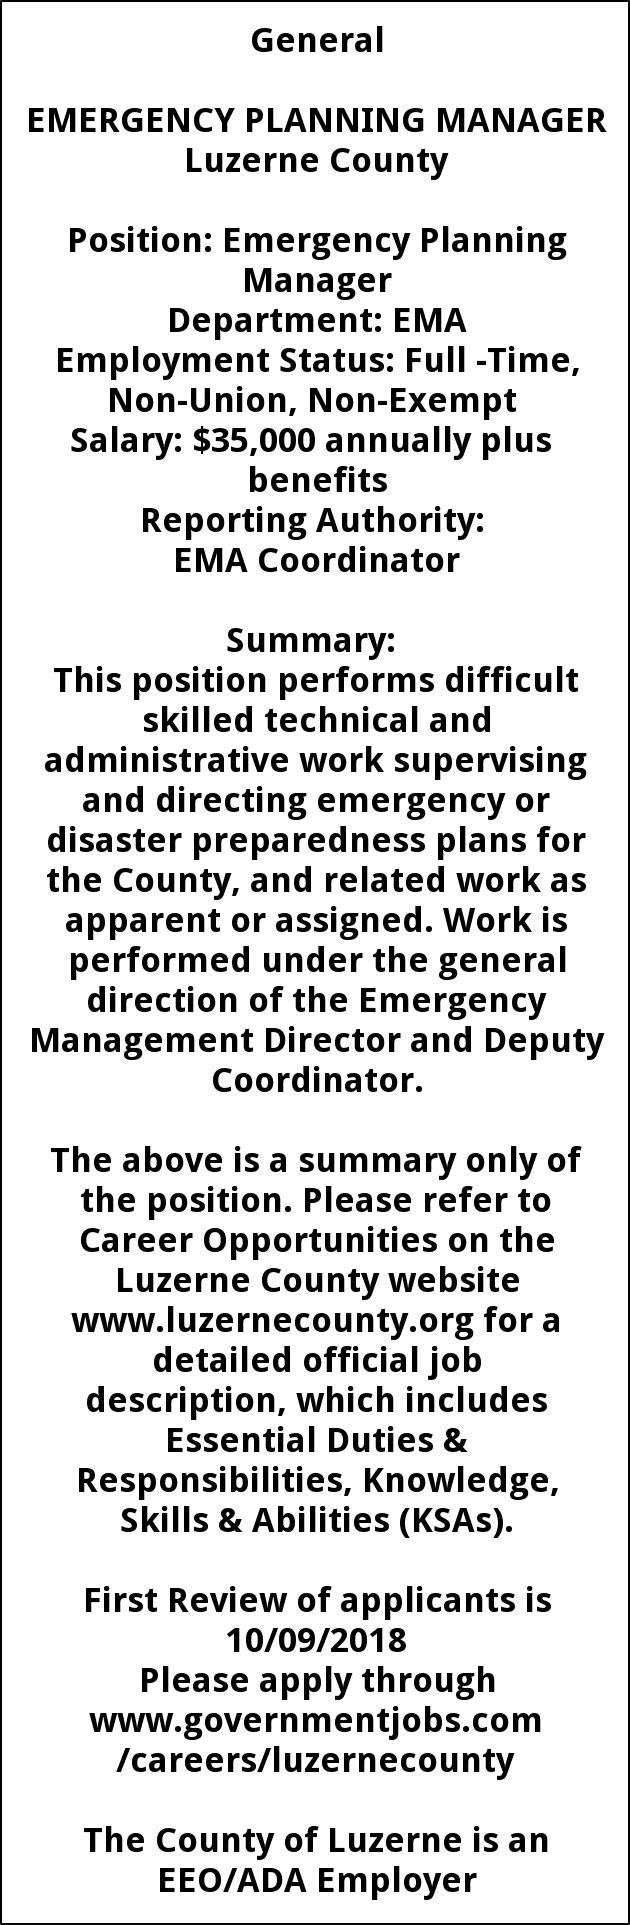 Emergency coordinator responsibilities